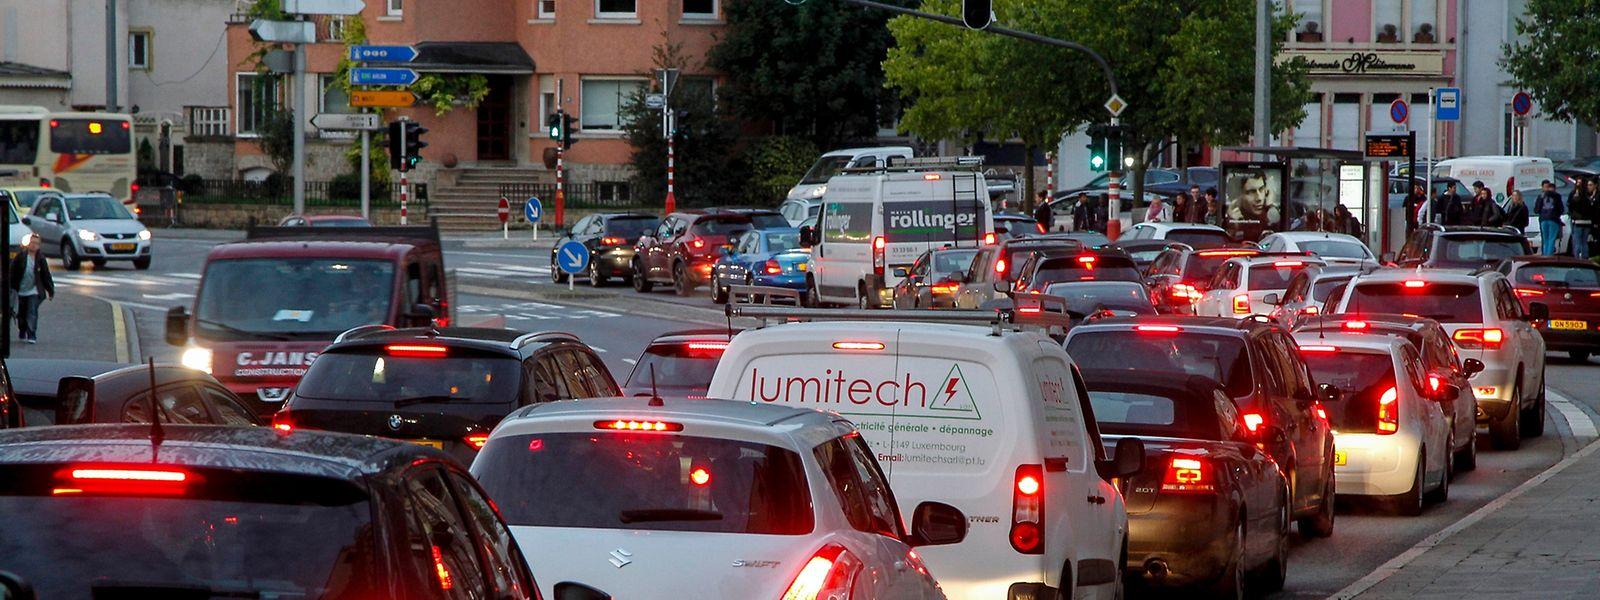 Häufig bewegt sich für Autofahrer in der Hauptstadt überhaupt nichts mehr.